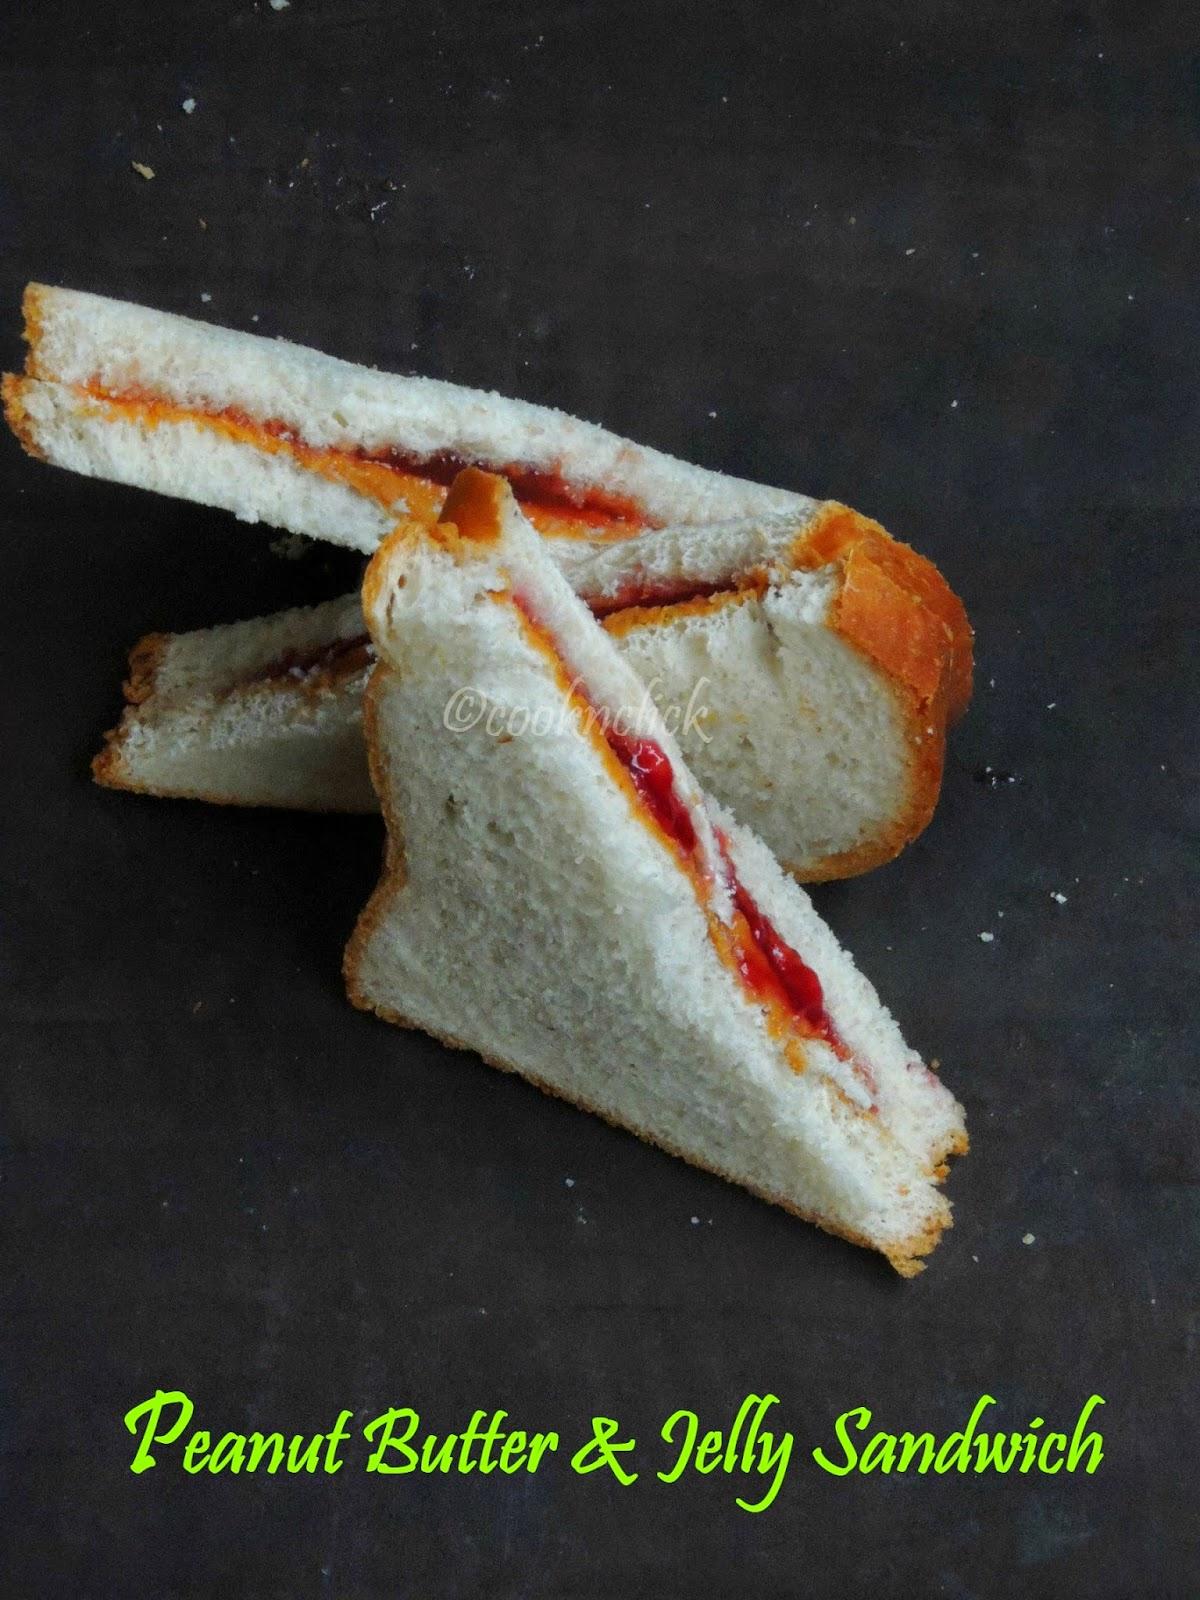 Peanutbutter & Jelly Sandwich